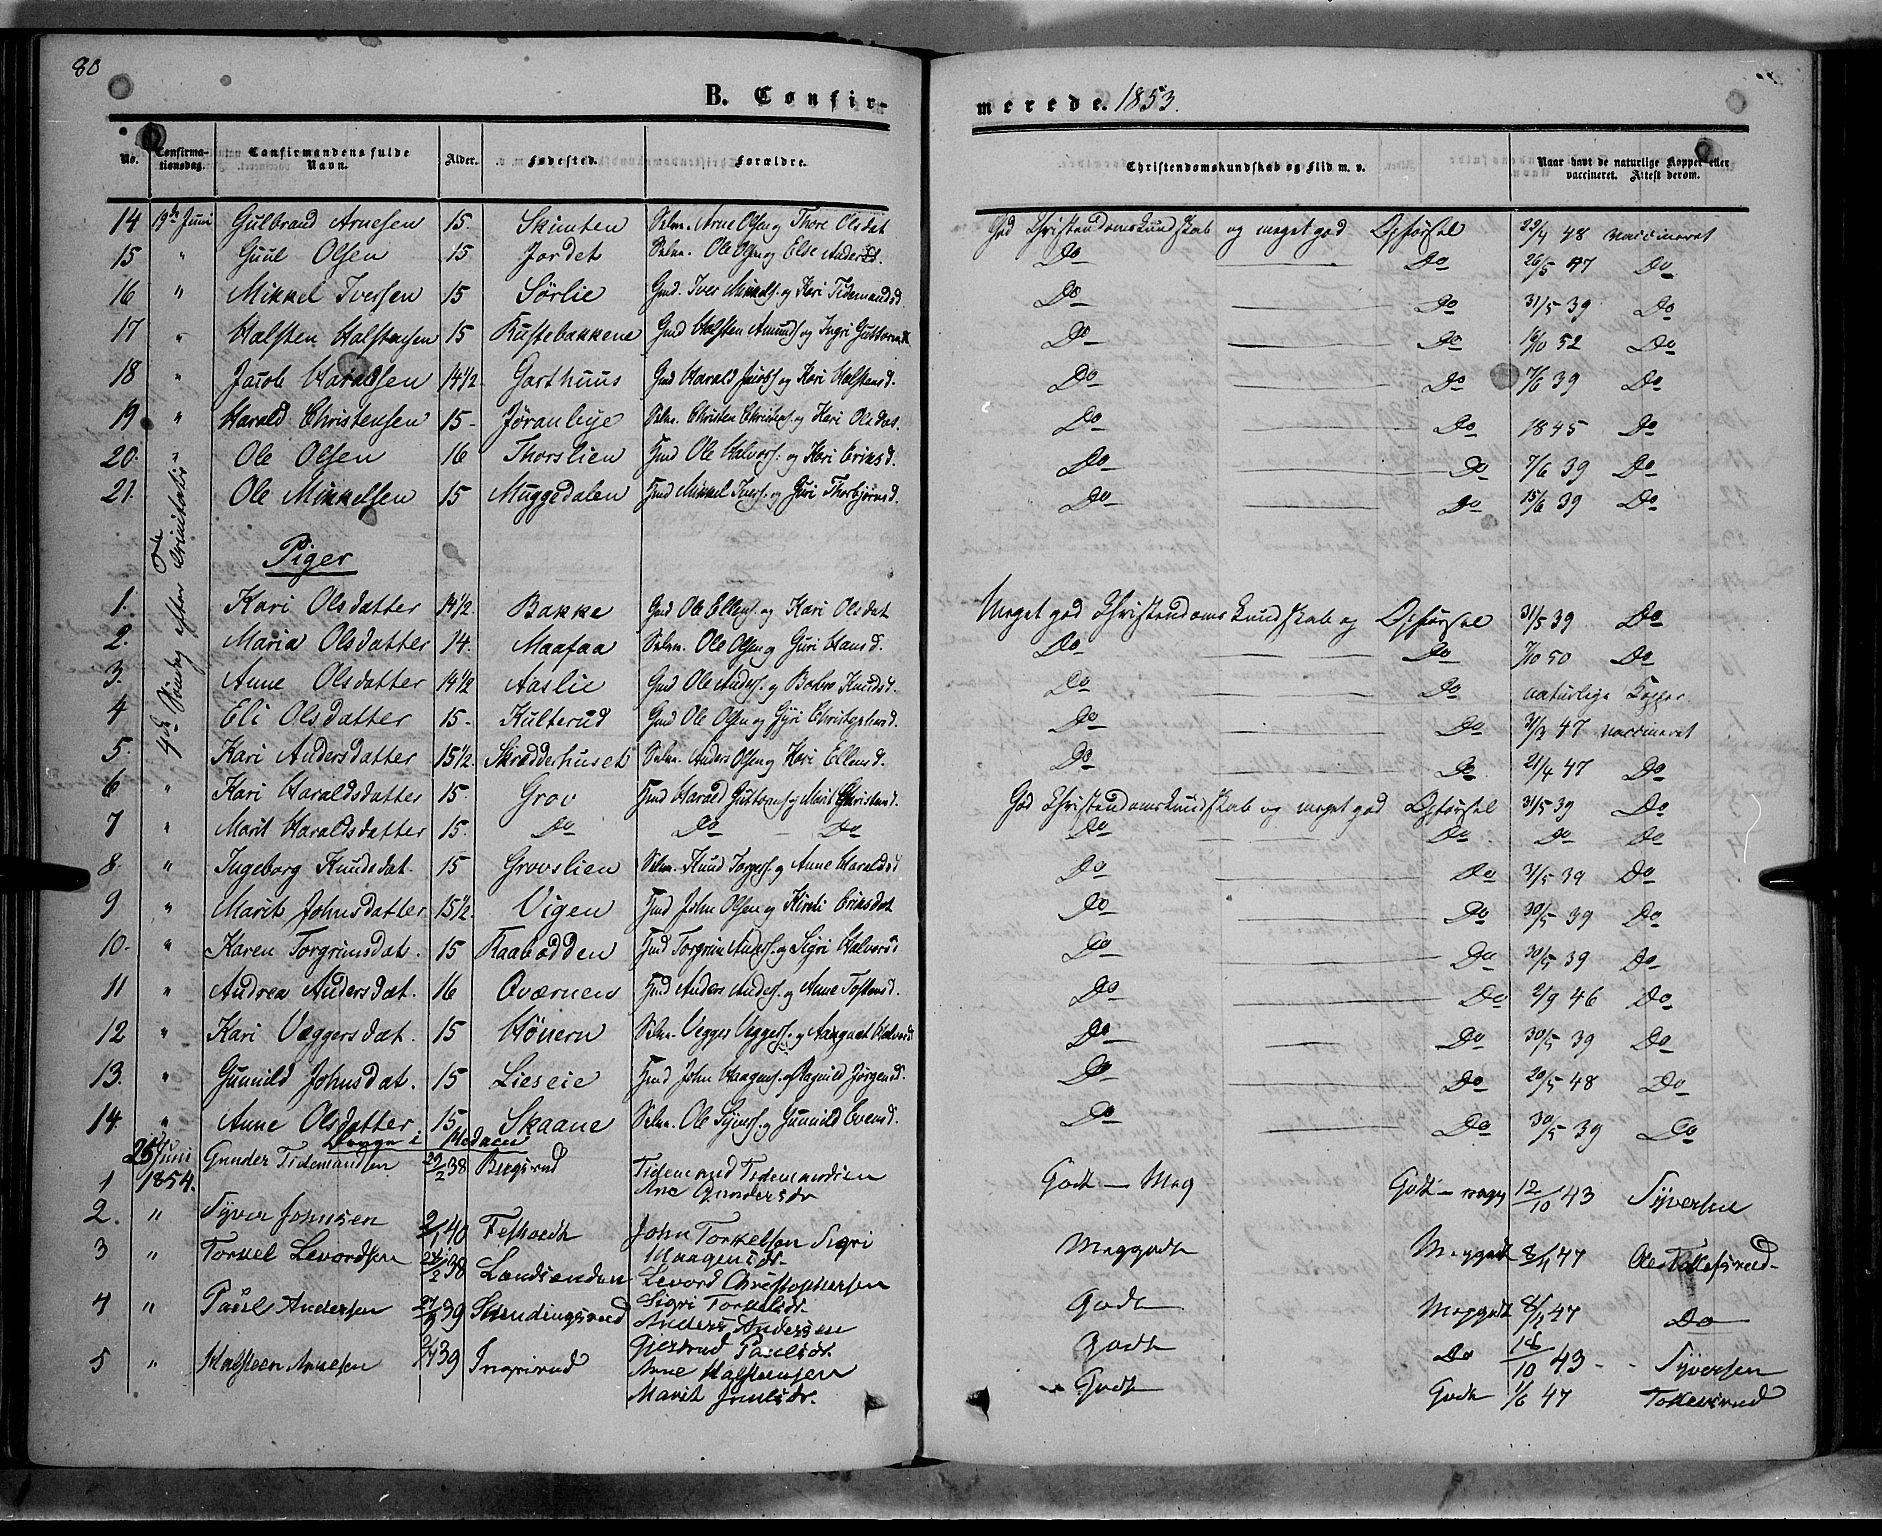 SAH, Sør-Aurdal prestekontor, Ministerialbok nr. 7, 1849-1876, s. 80